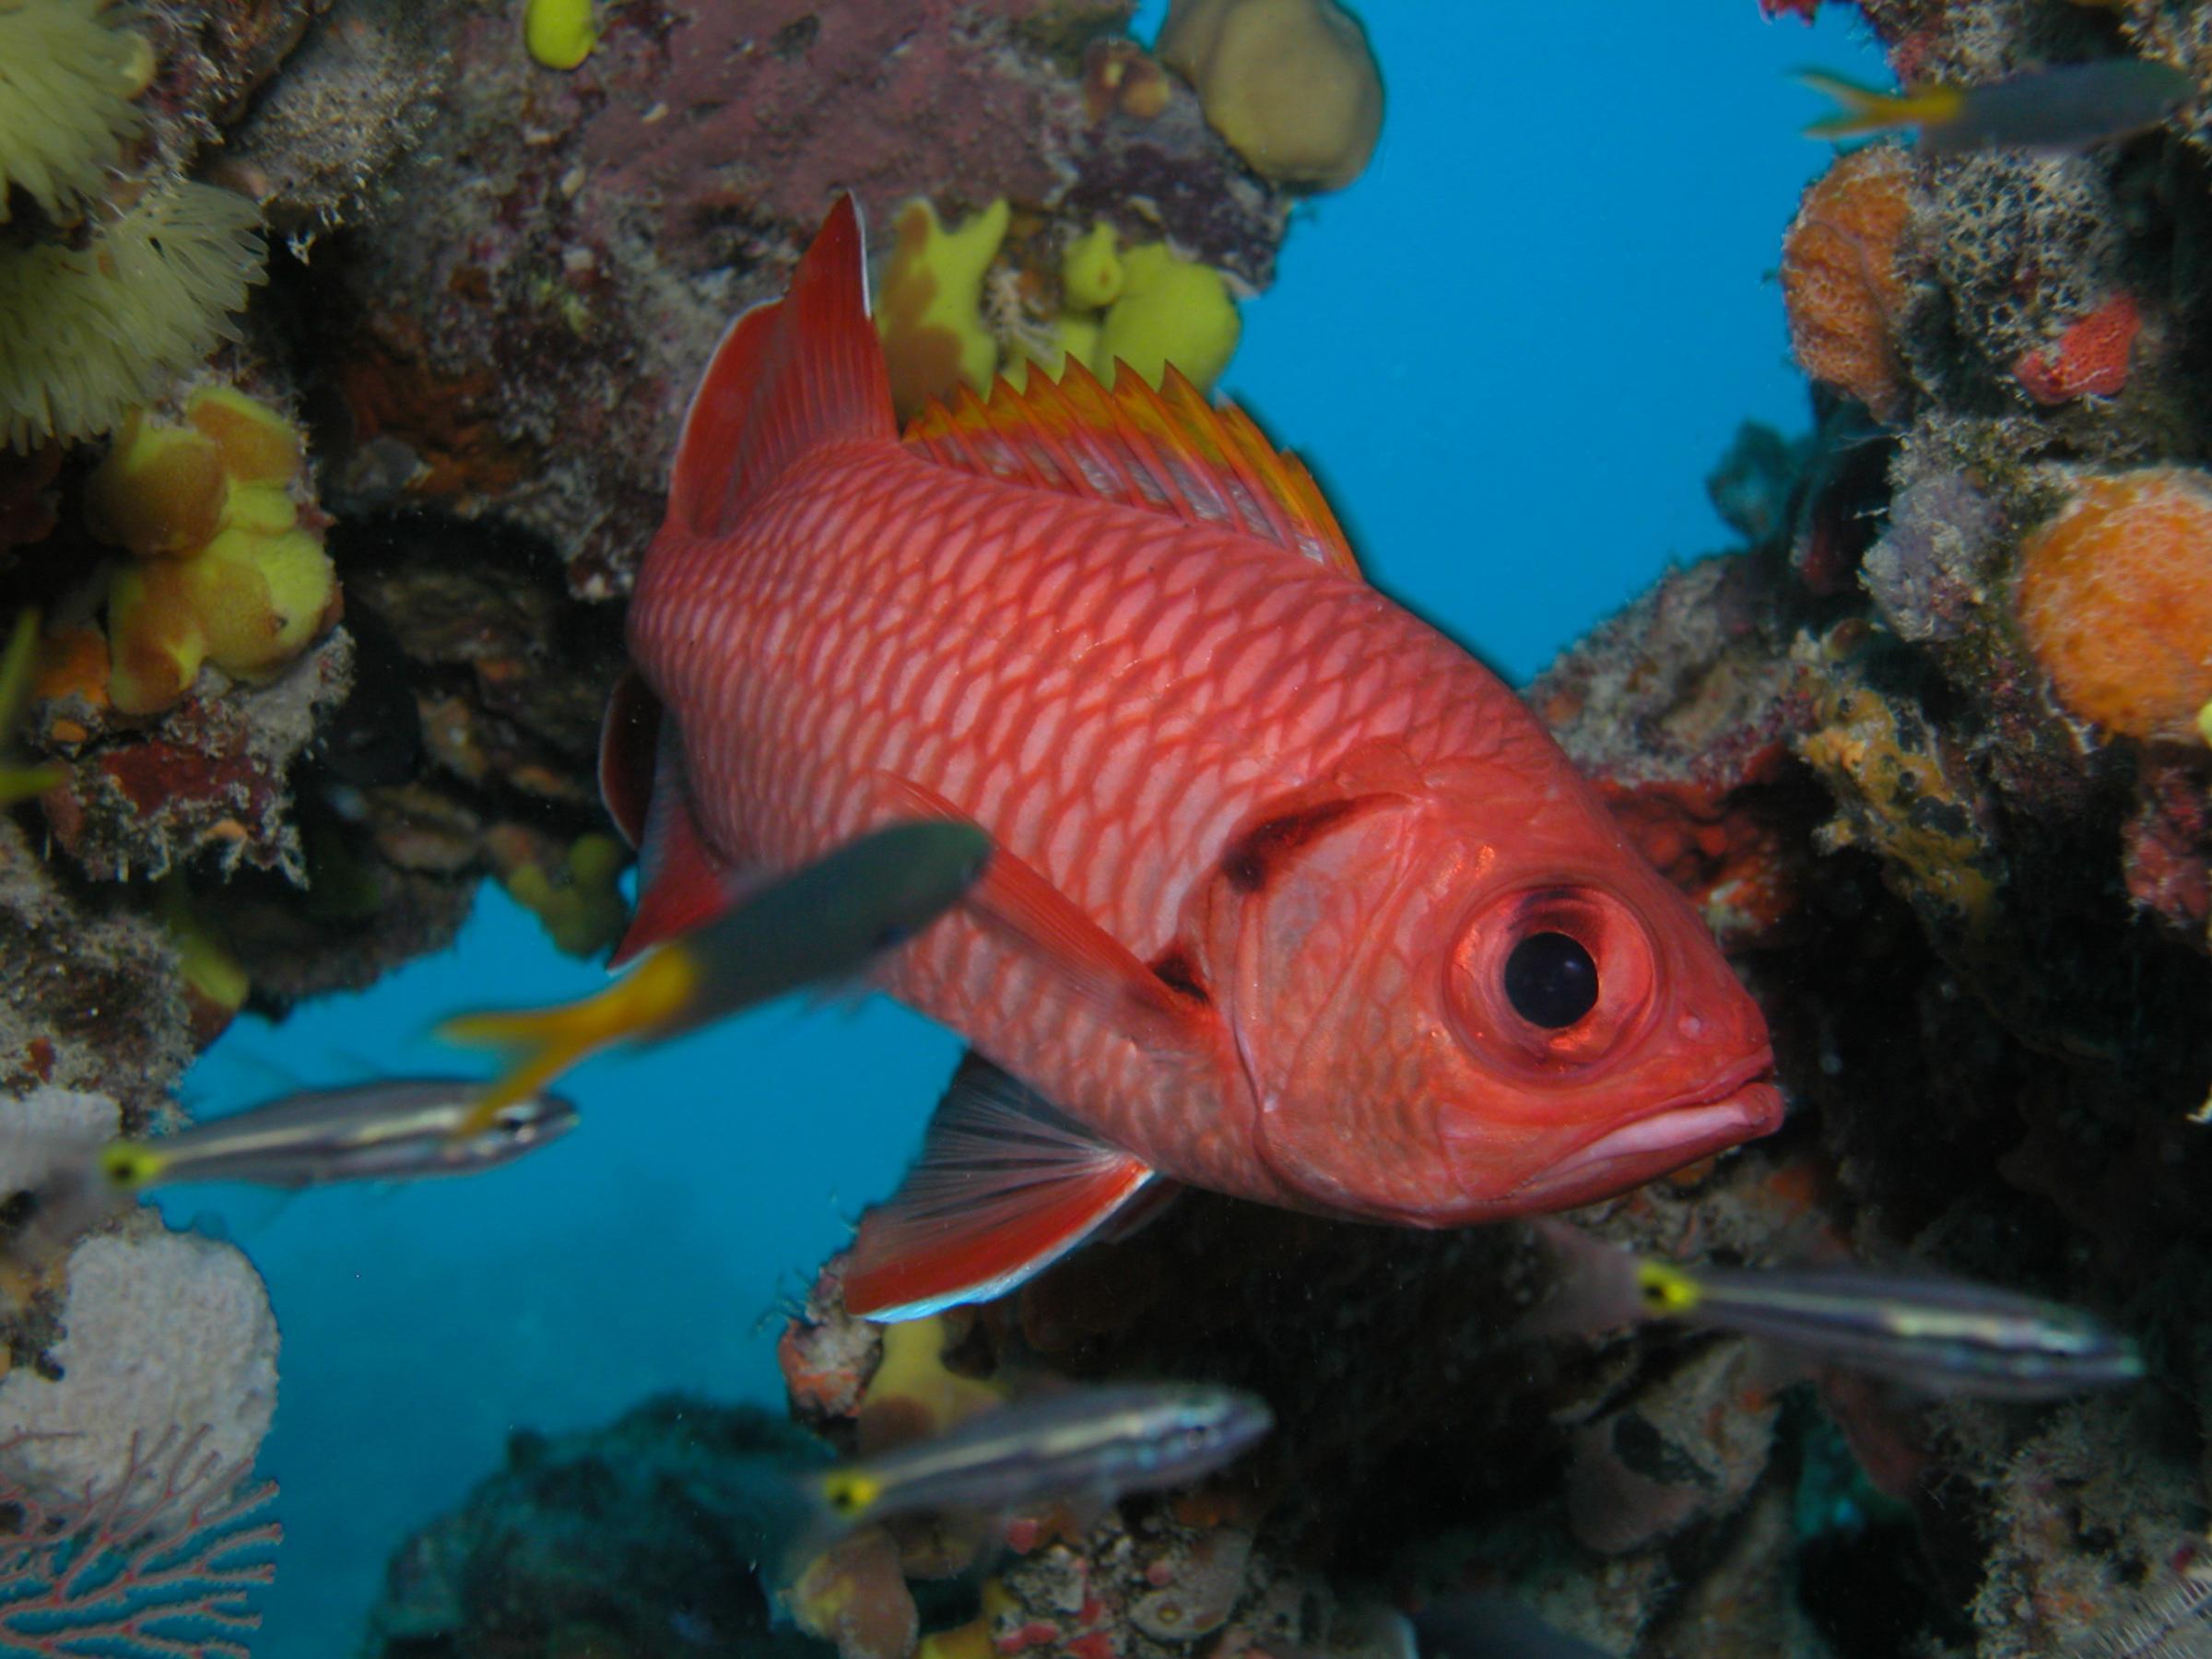 Reef Fish Wallpaper - WallpaperSafari